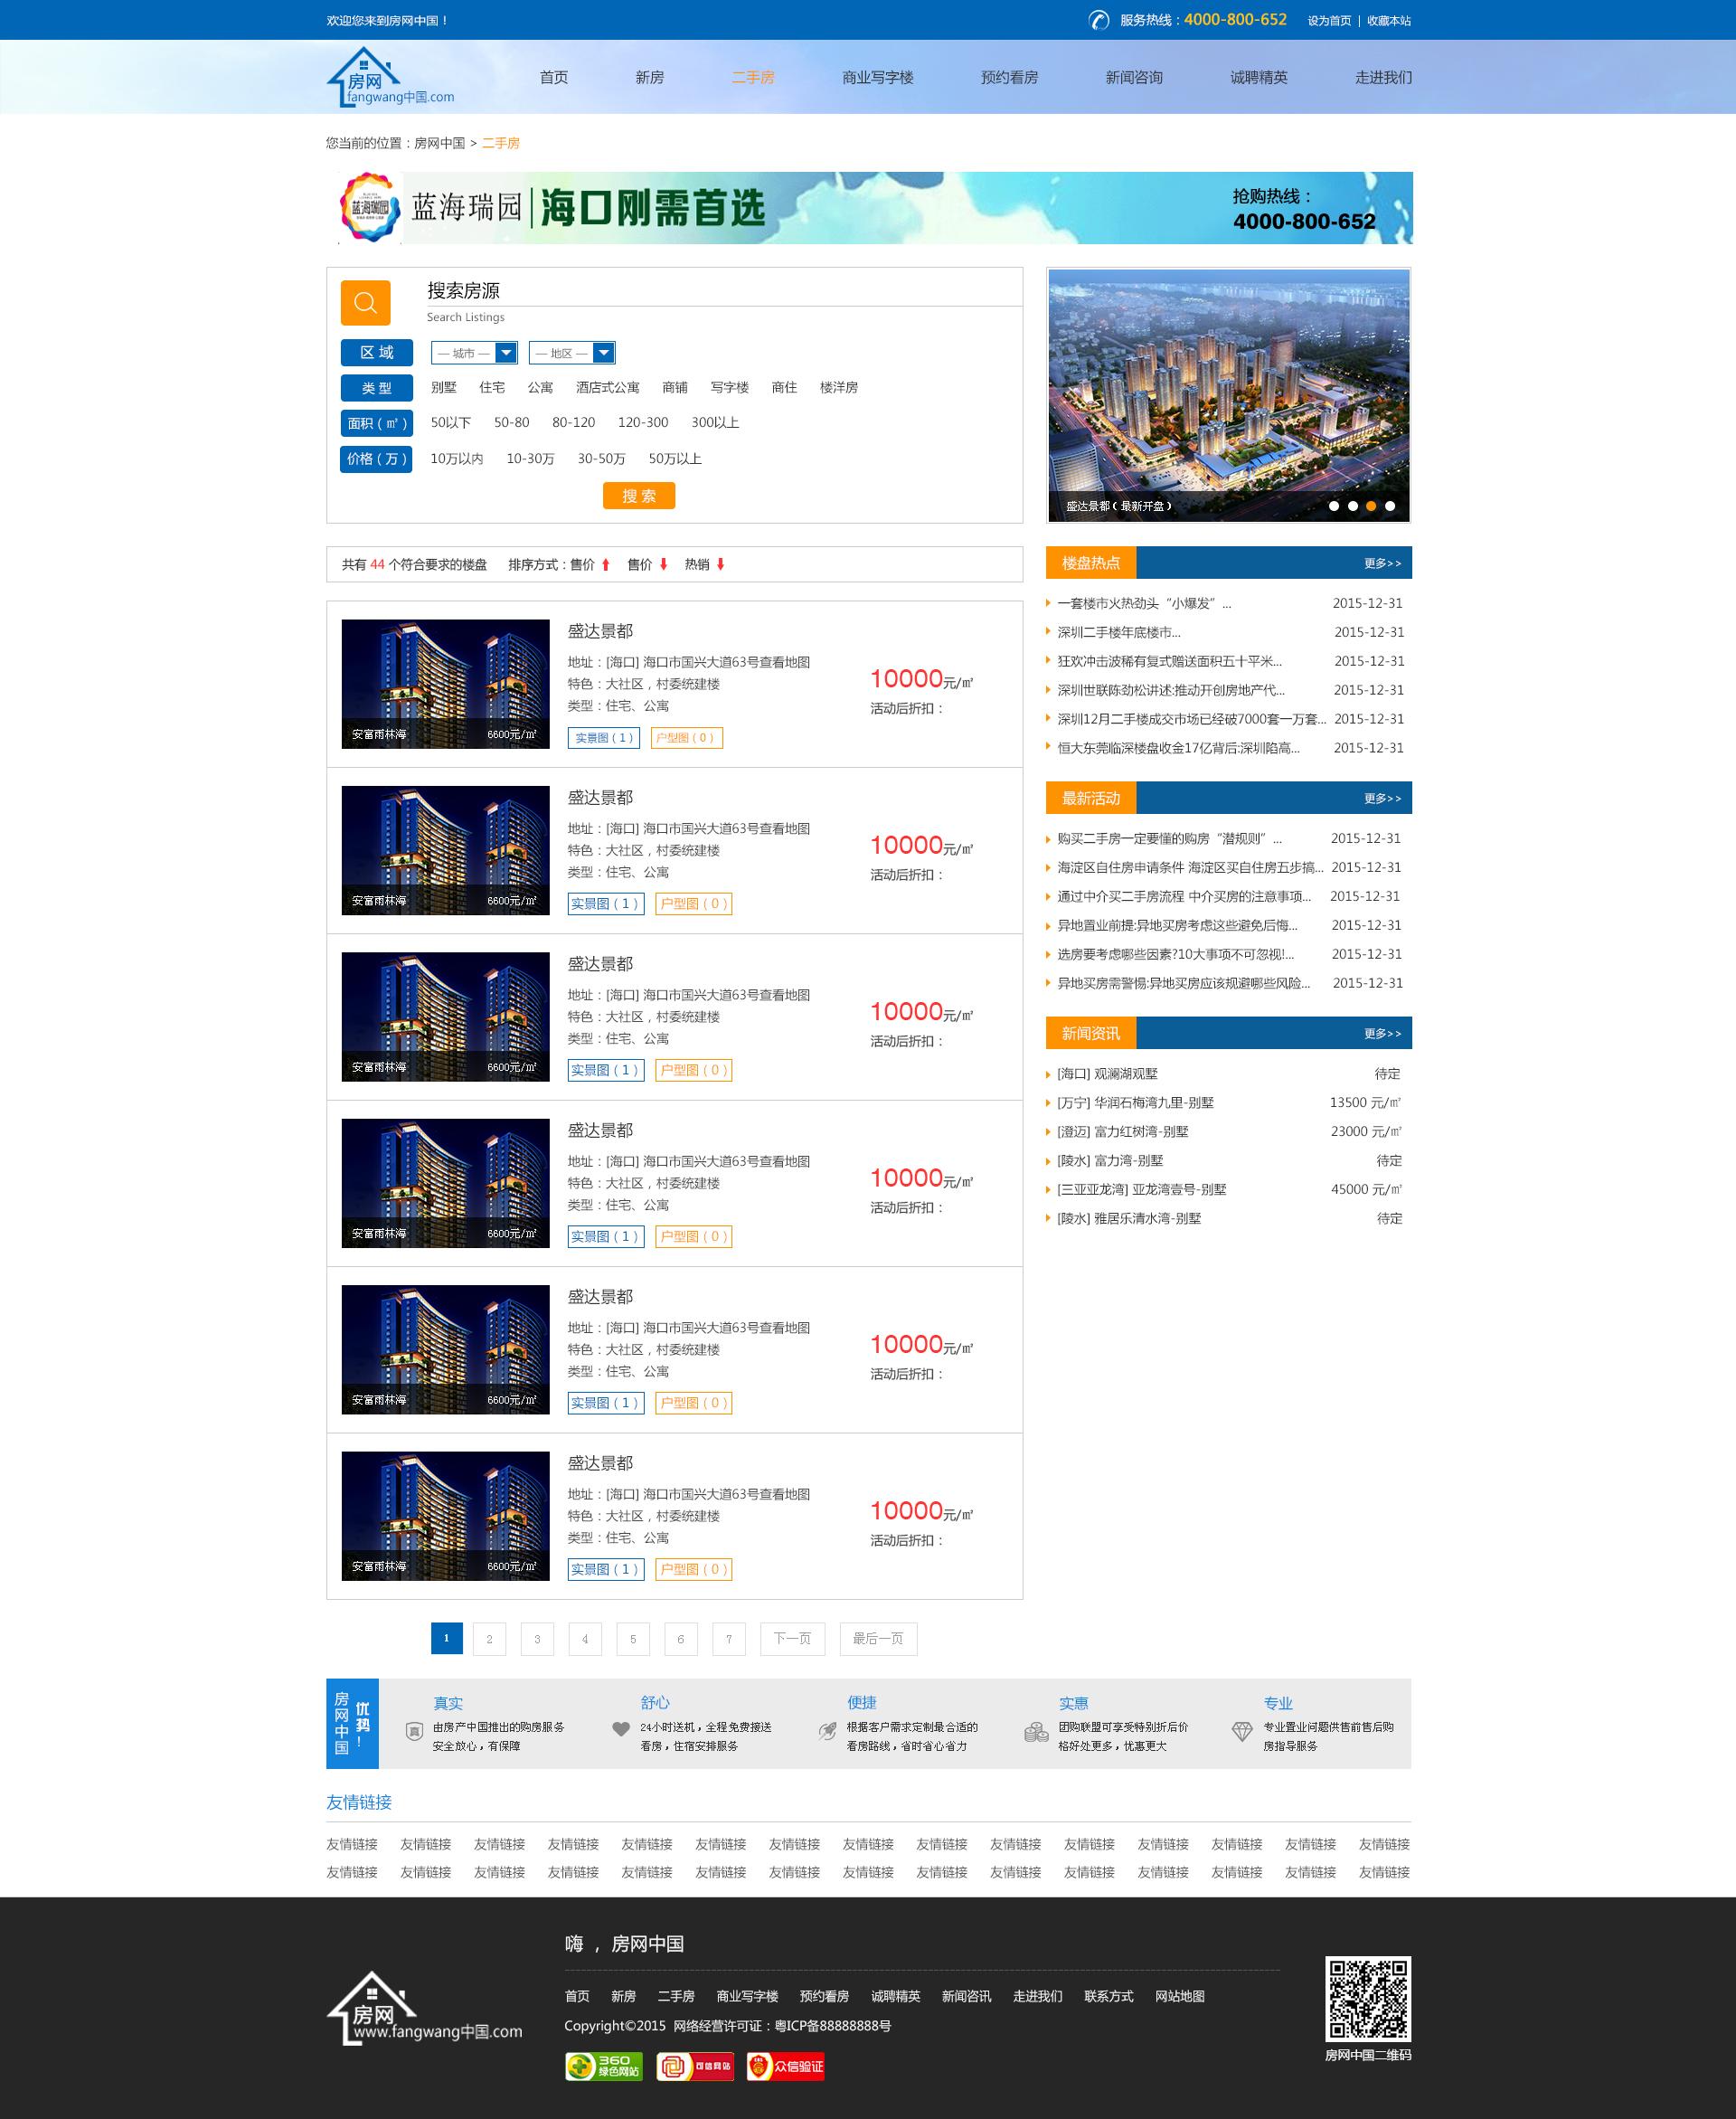 深一集团,深圳网络公司,深圳做千赢国际娱乐|欢迎光临,深圳建千赢国际娱乐|欢迎光临